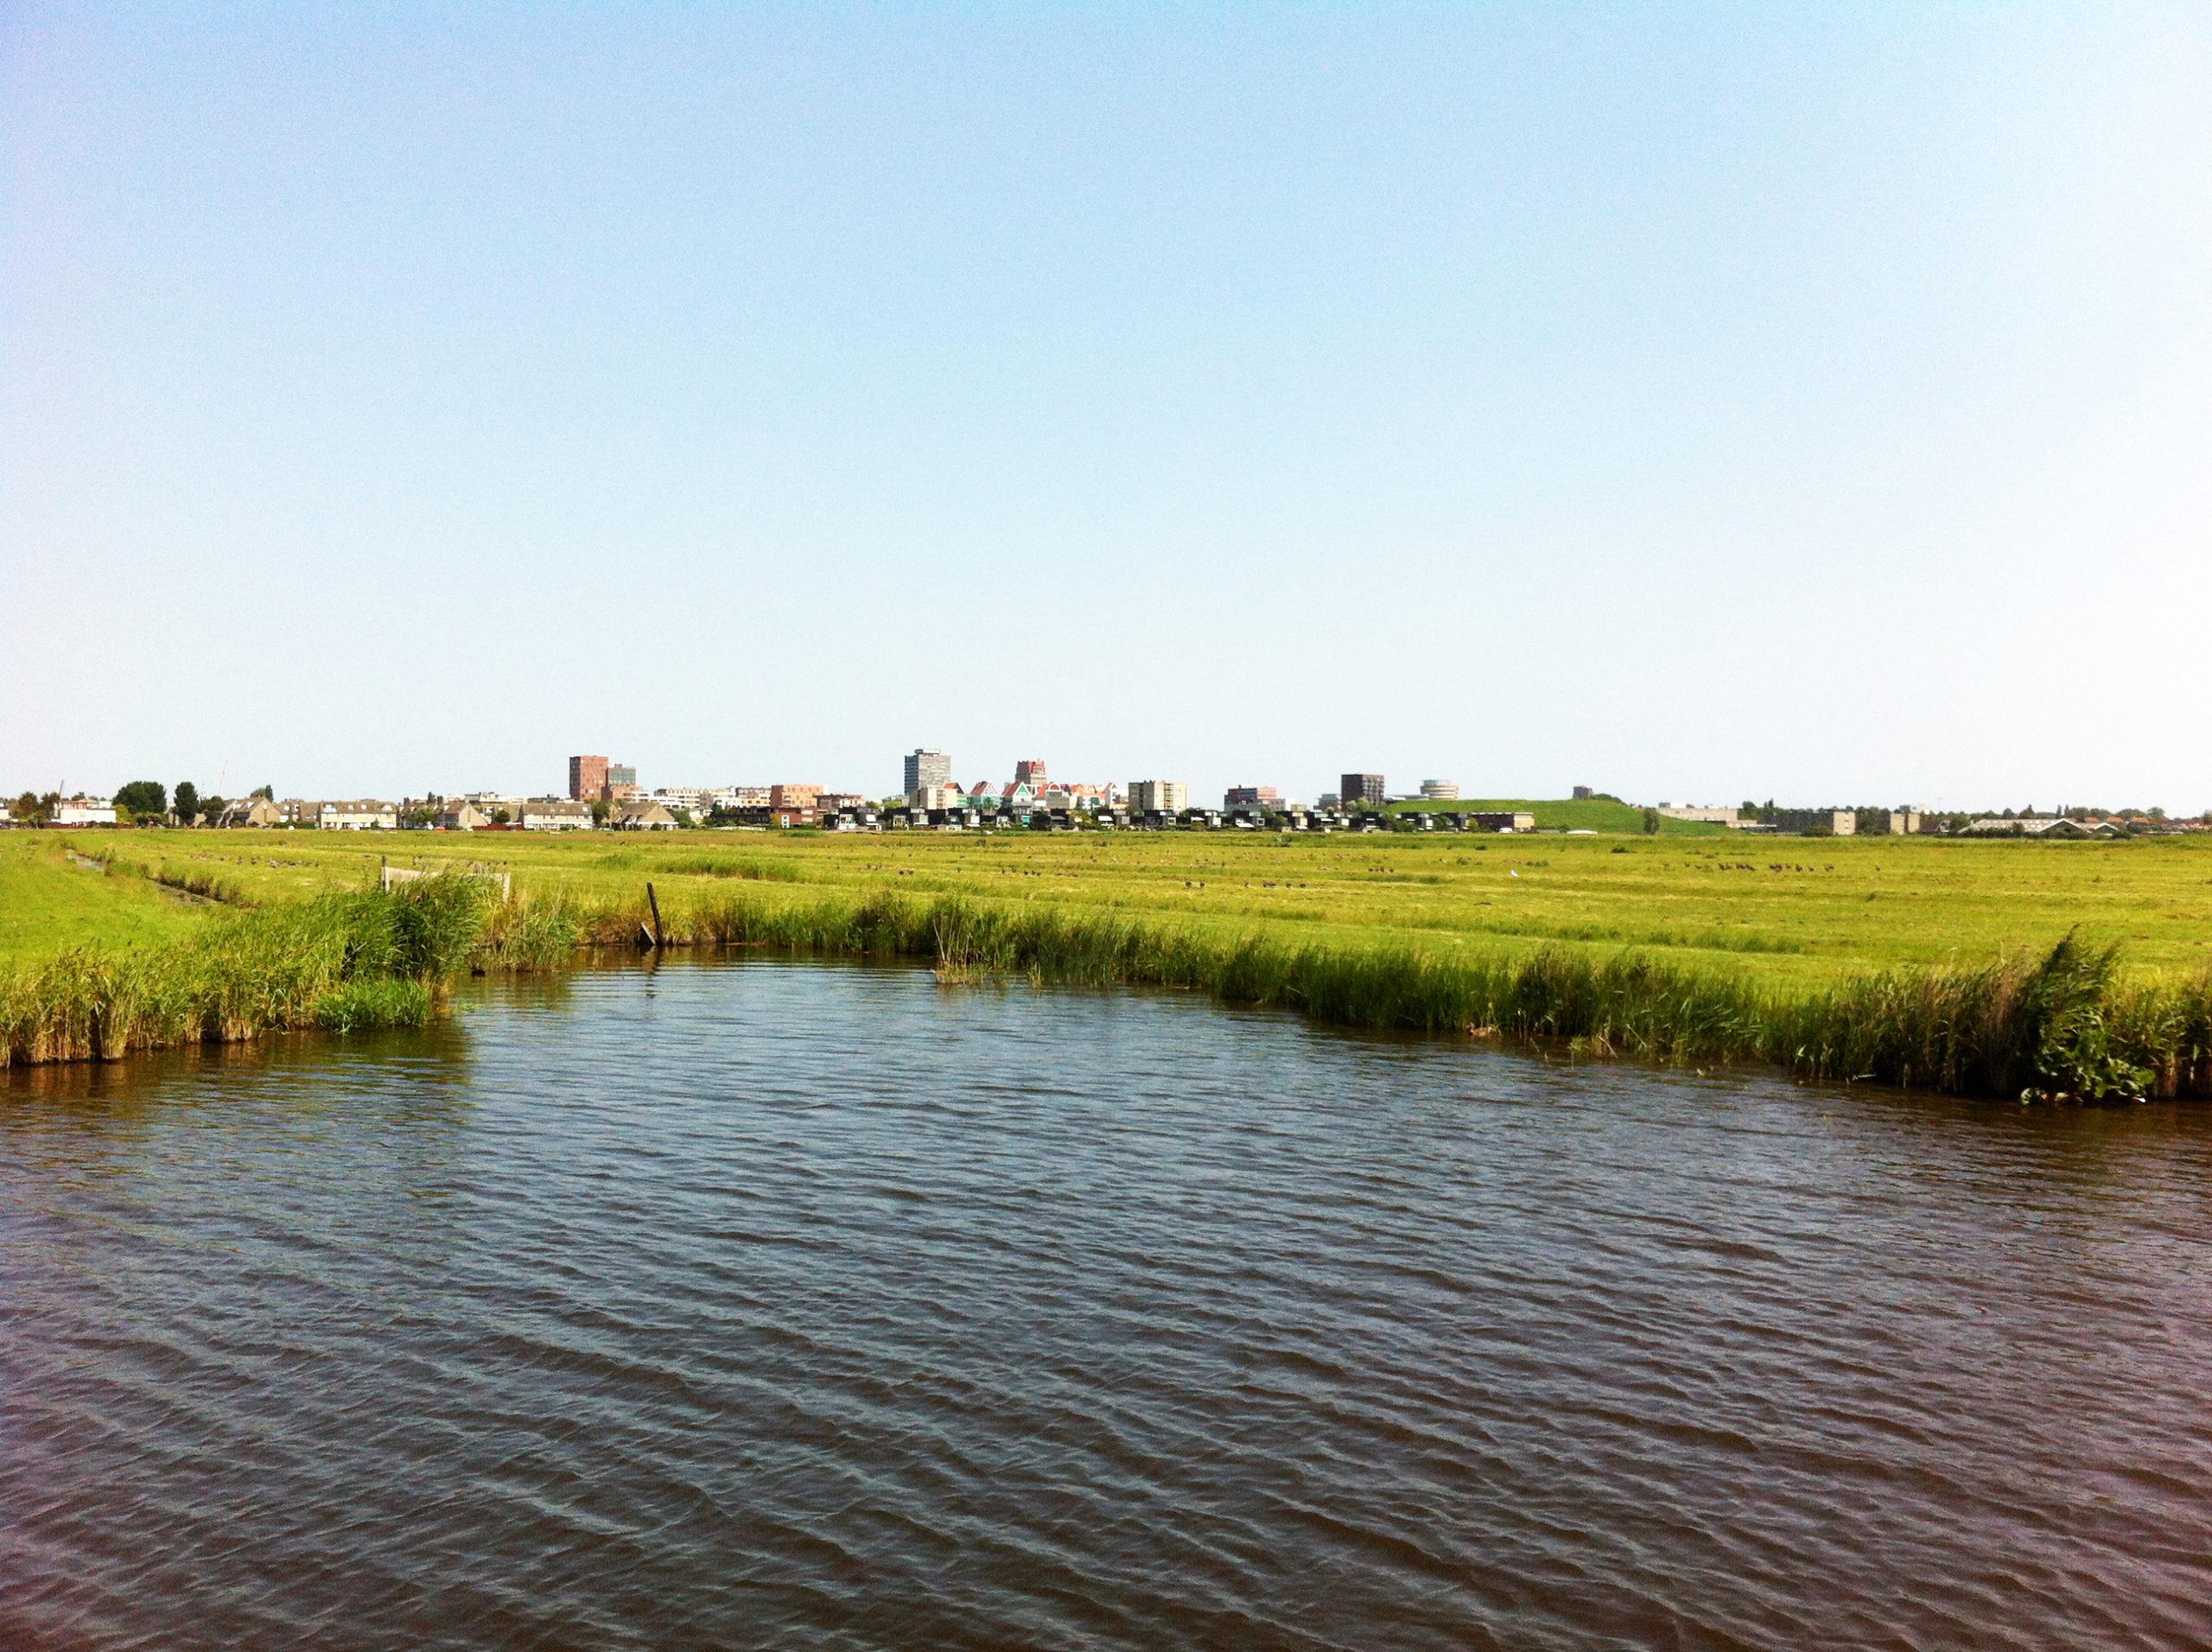 Fietsexcursie op 17 april over de toekomst van de veenweiden in de Zaanstreek (opgeschort i.v.m. het coronavirus)